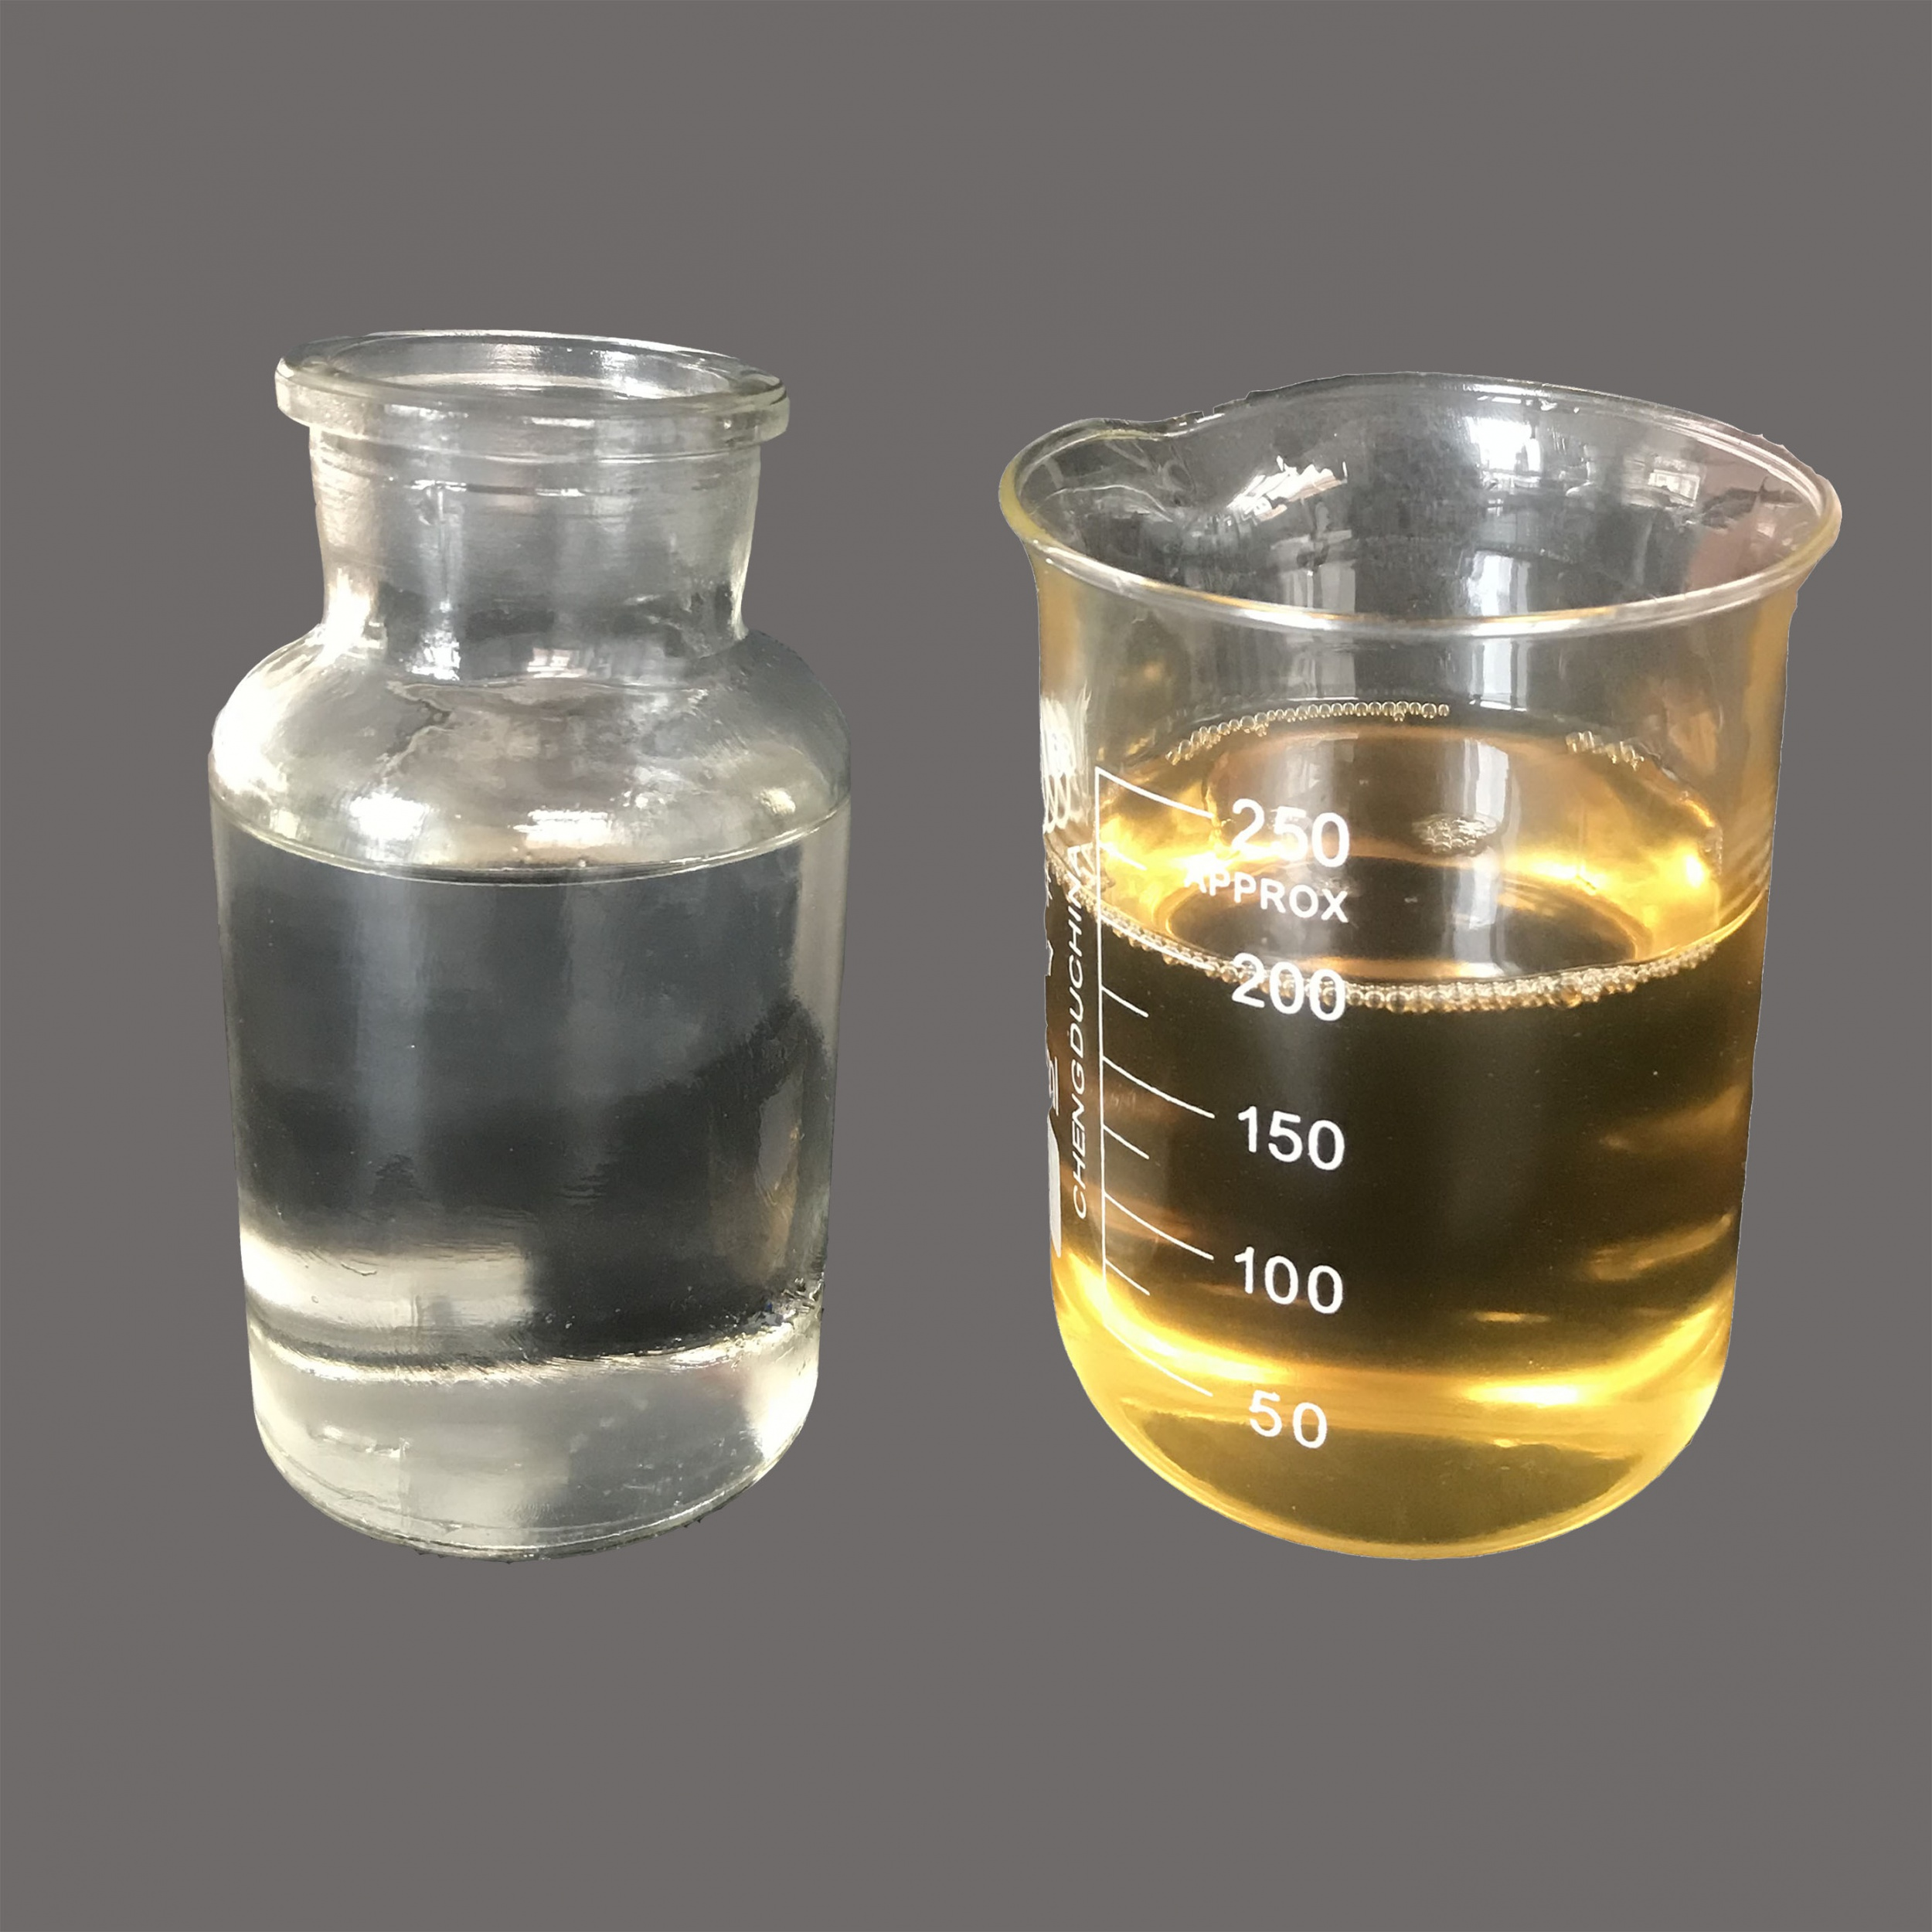 生产密封胶条专用油